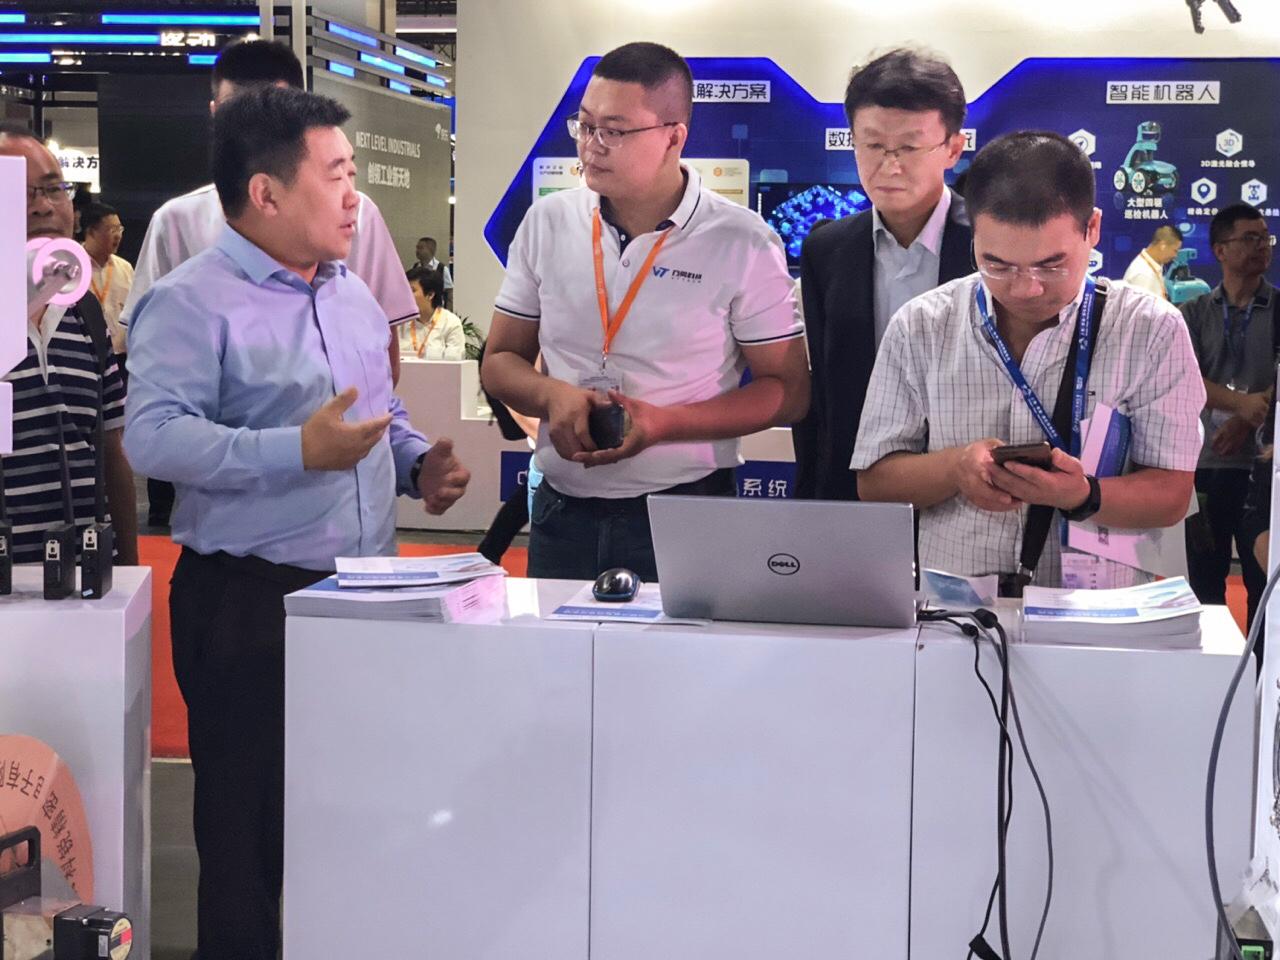 2019上海工博会开幕,万腾科技惊艳亮相-IMG_2959修改